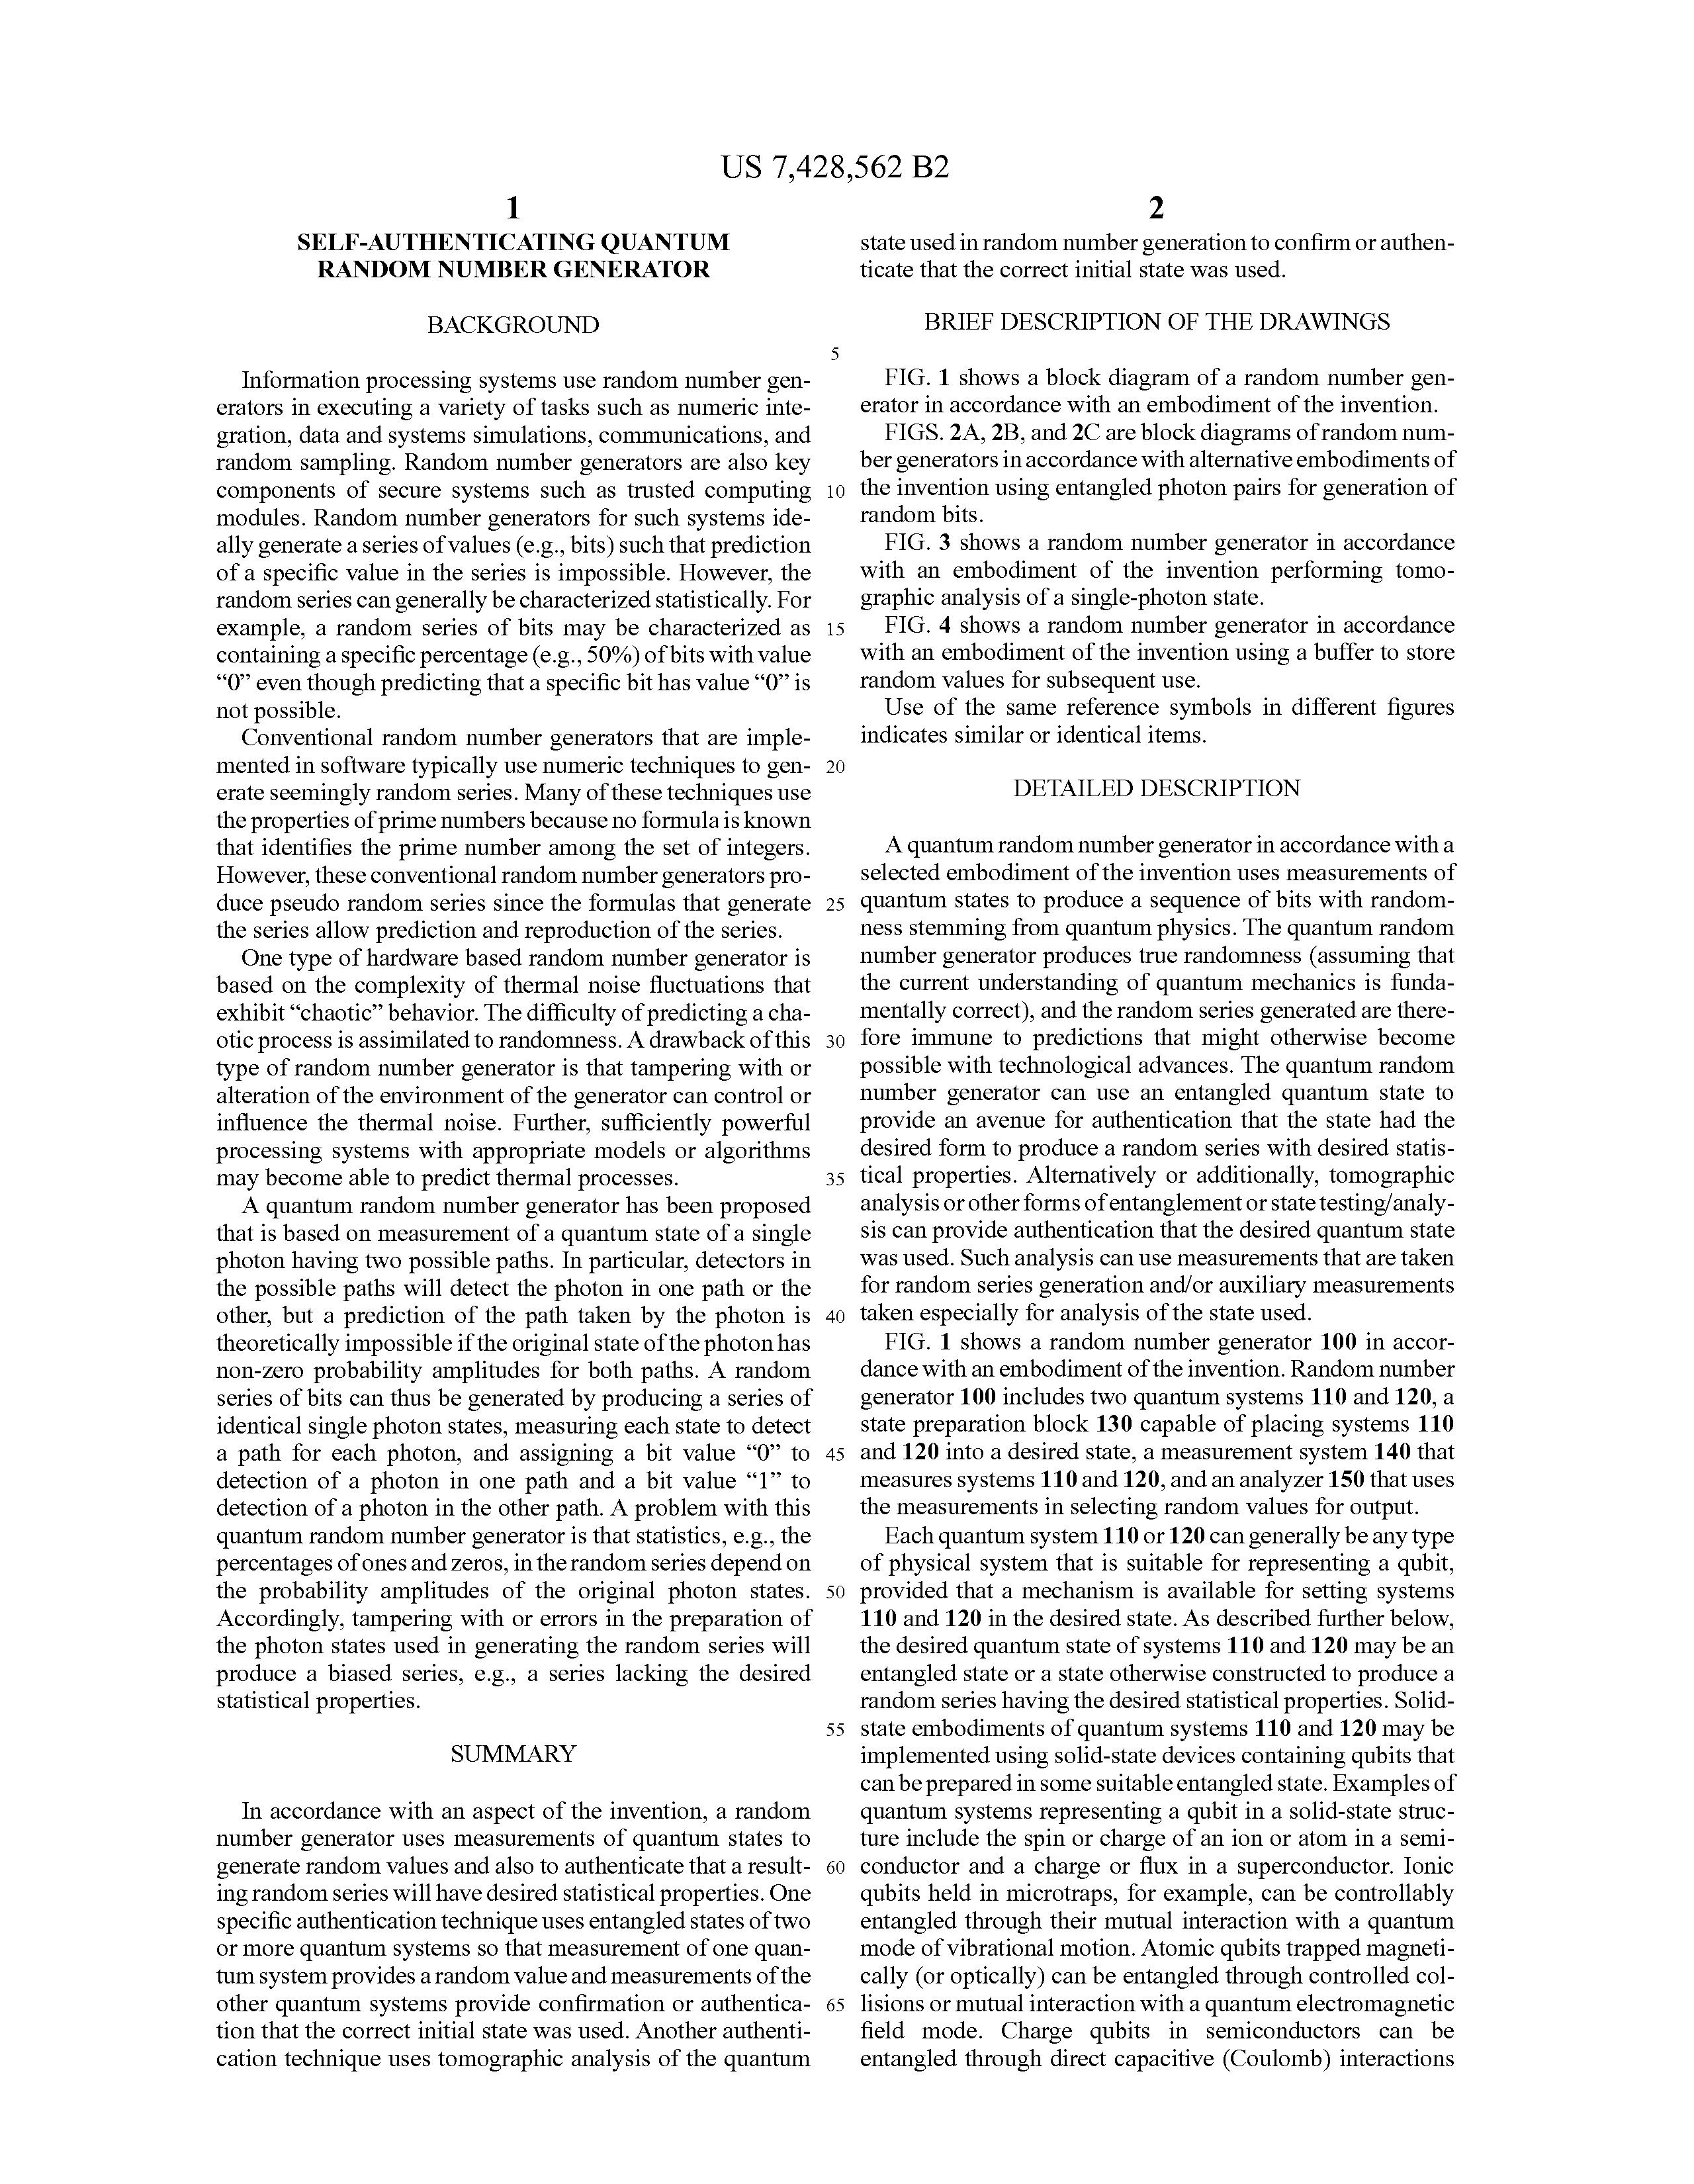 US 7428562 B2 - Self-authenticating Quantum Random Number Generator